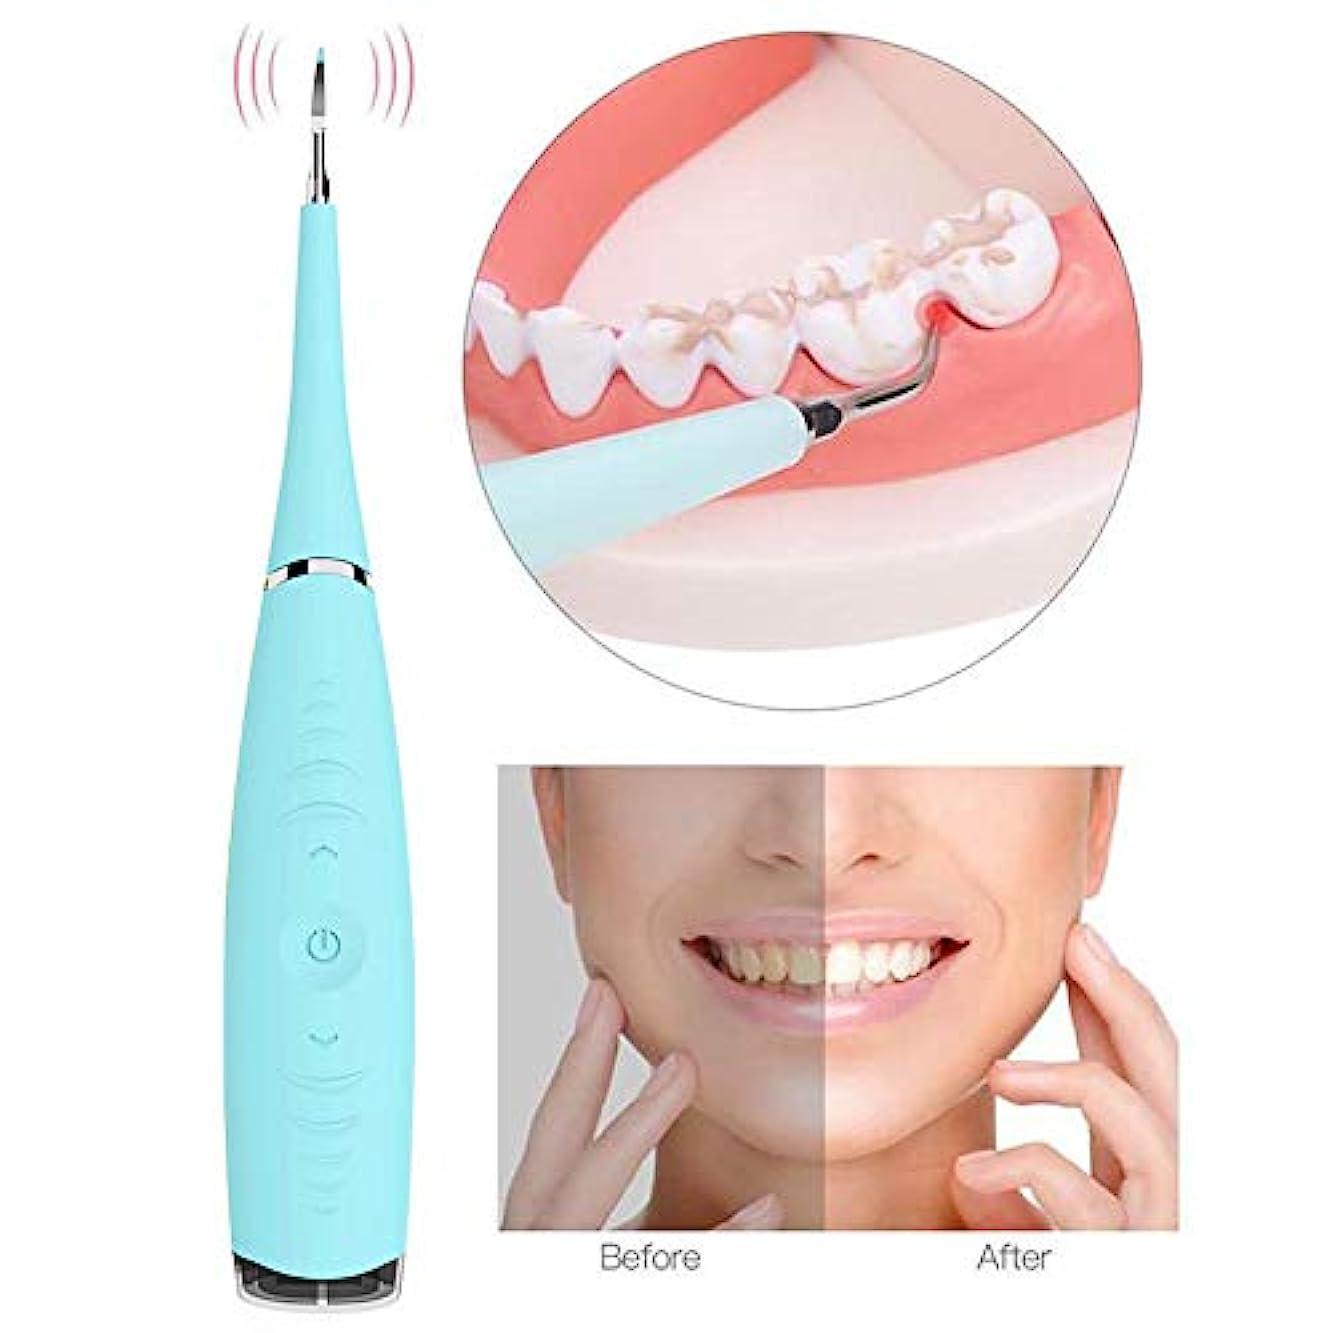 生産的重要従者歯石除去ホワイトニング歯石除去ポータブル家庭用歯石プラーク除去歯磨き粉用健康口腔衛生